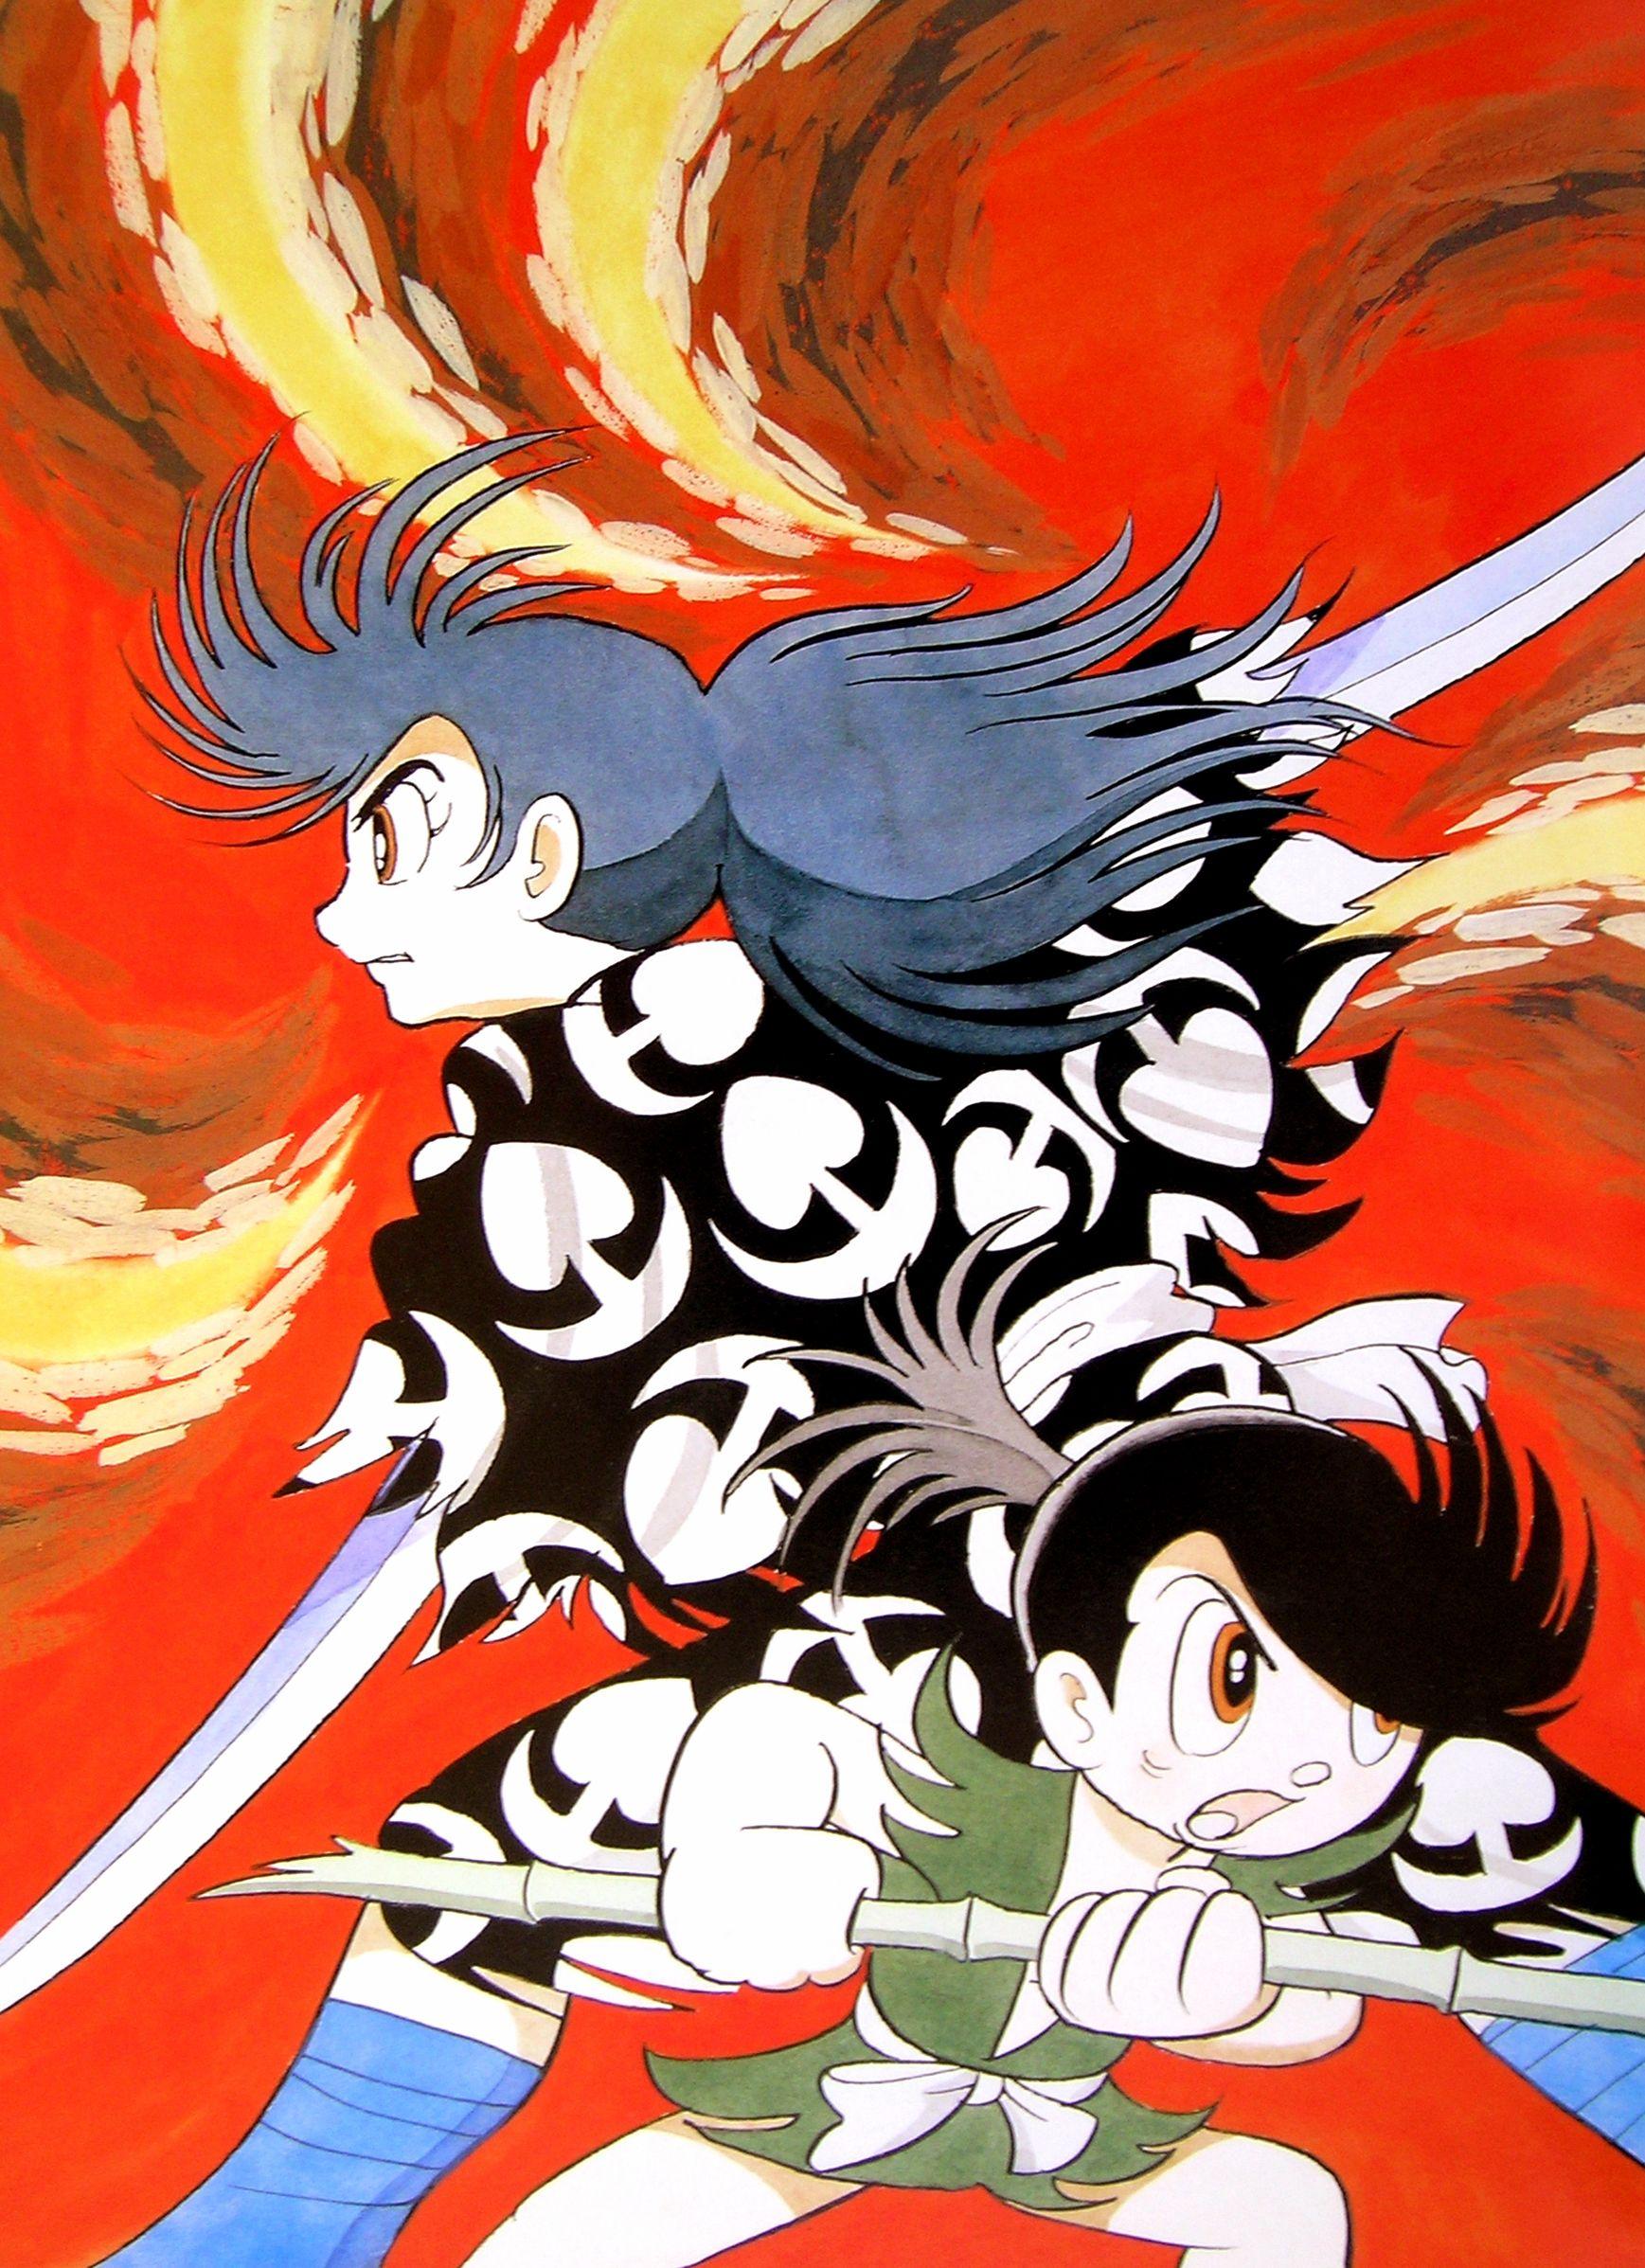 Dororo To Hyakkimaru (With images) Anime, Manga artist